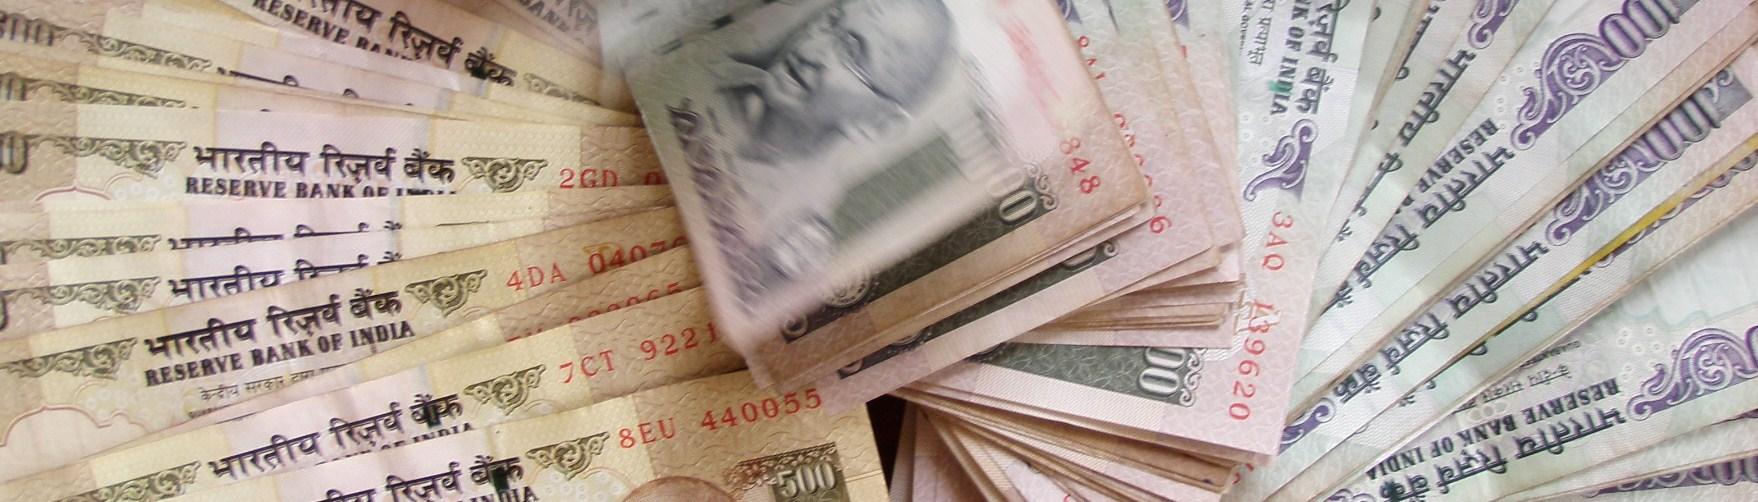 Une meilleure connaissance des circuits financiers est nécessaire pour améliorer la lutte contre le blanchiment d'argent. (photo © GPouzin)